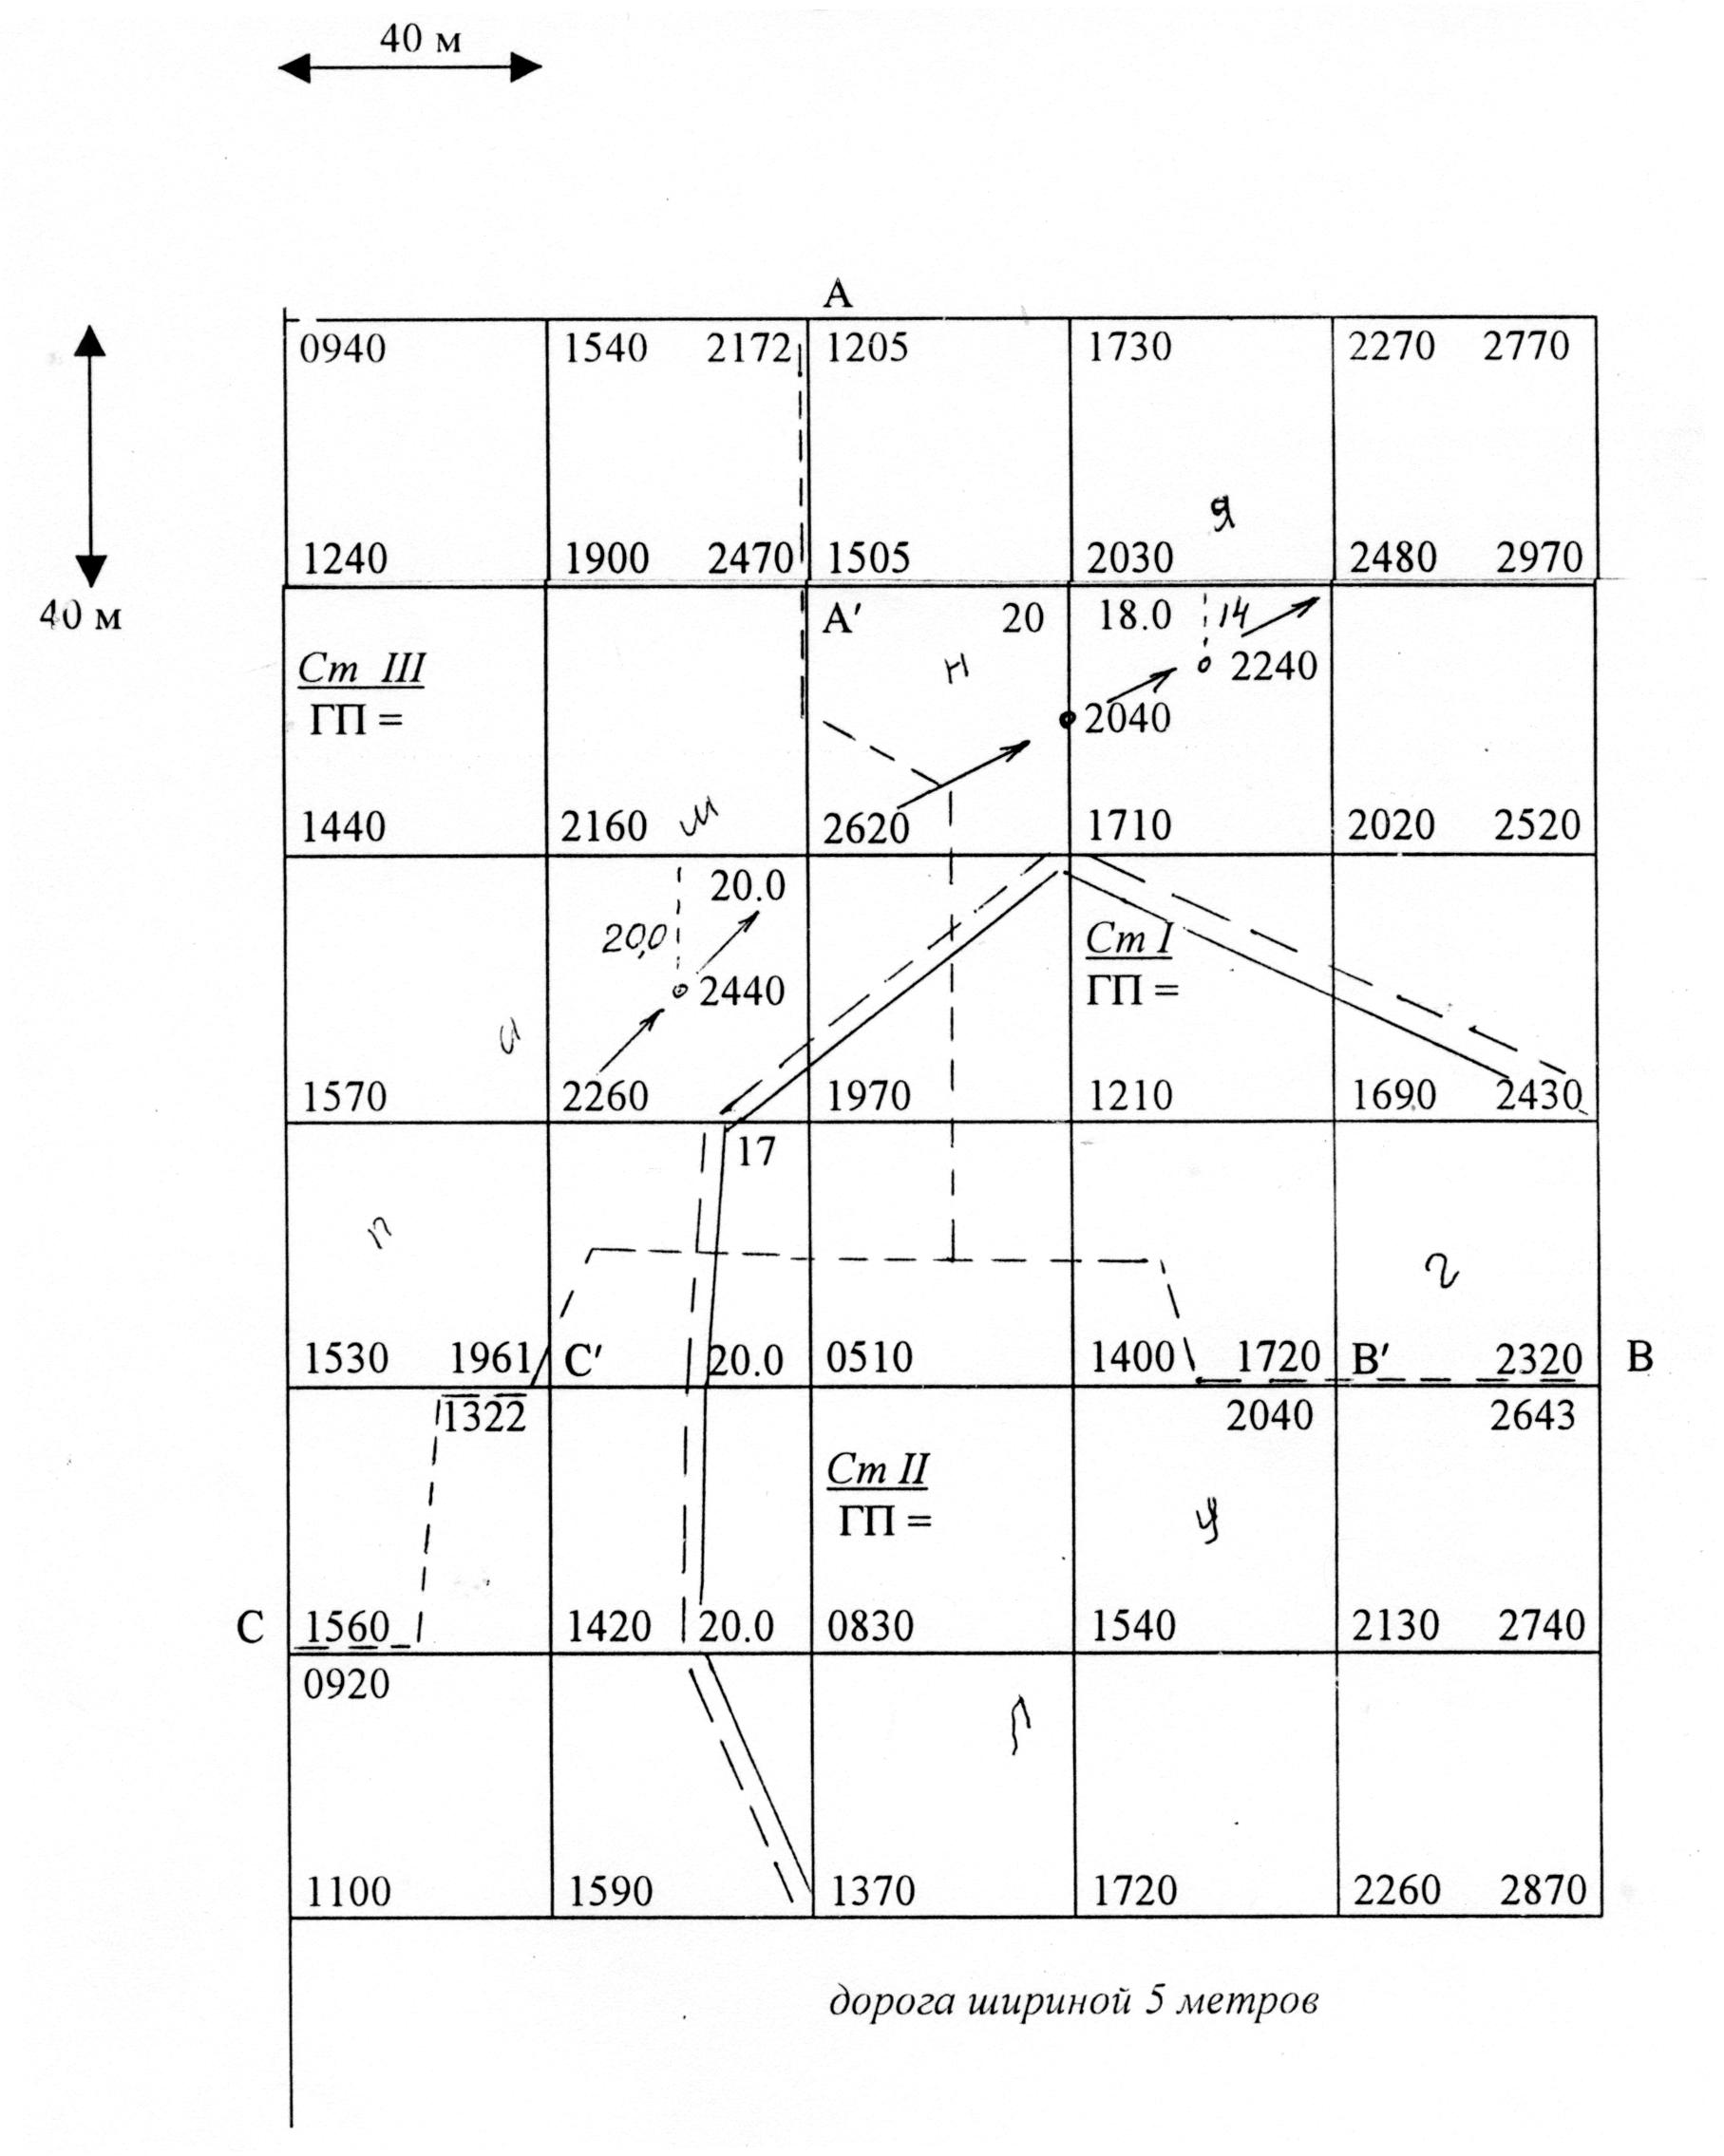 Расчет площади участка по координатам онлайн